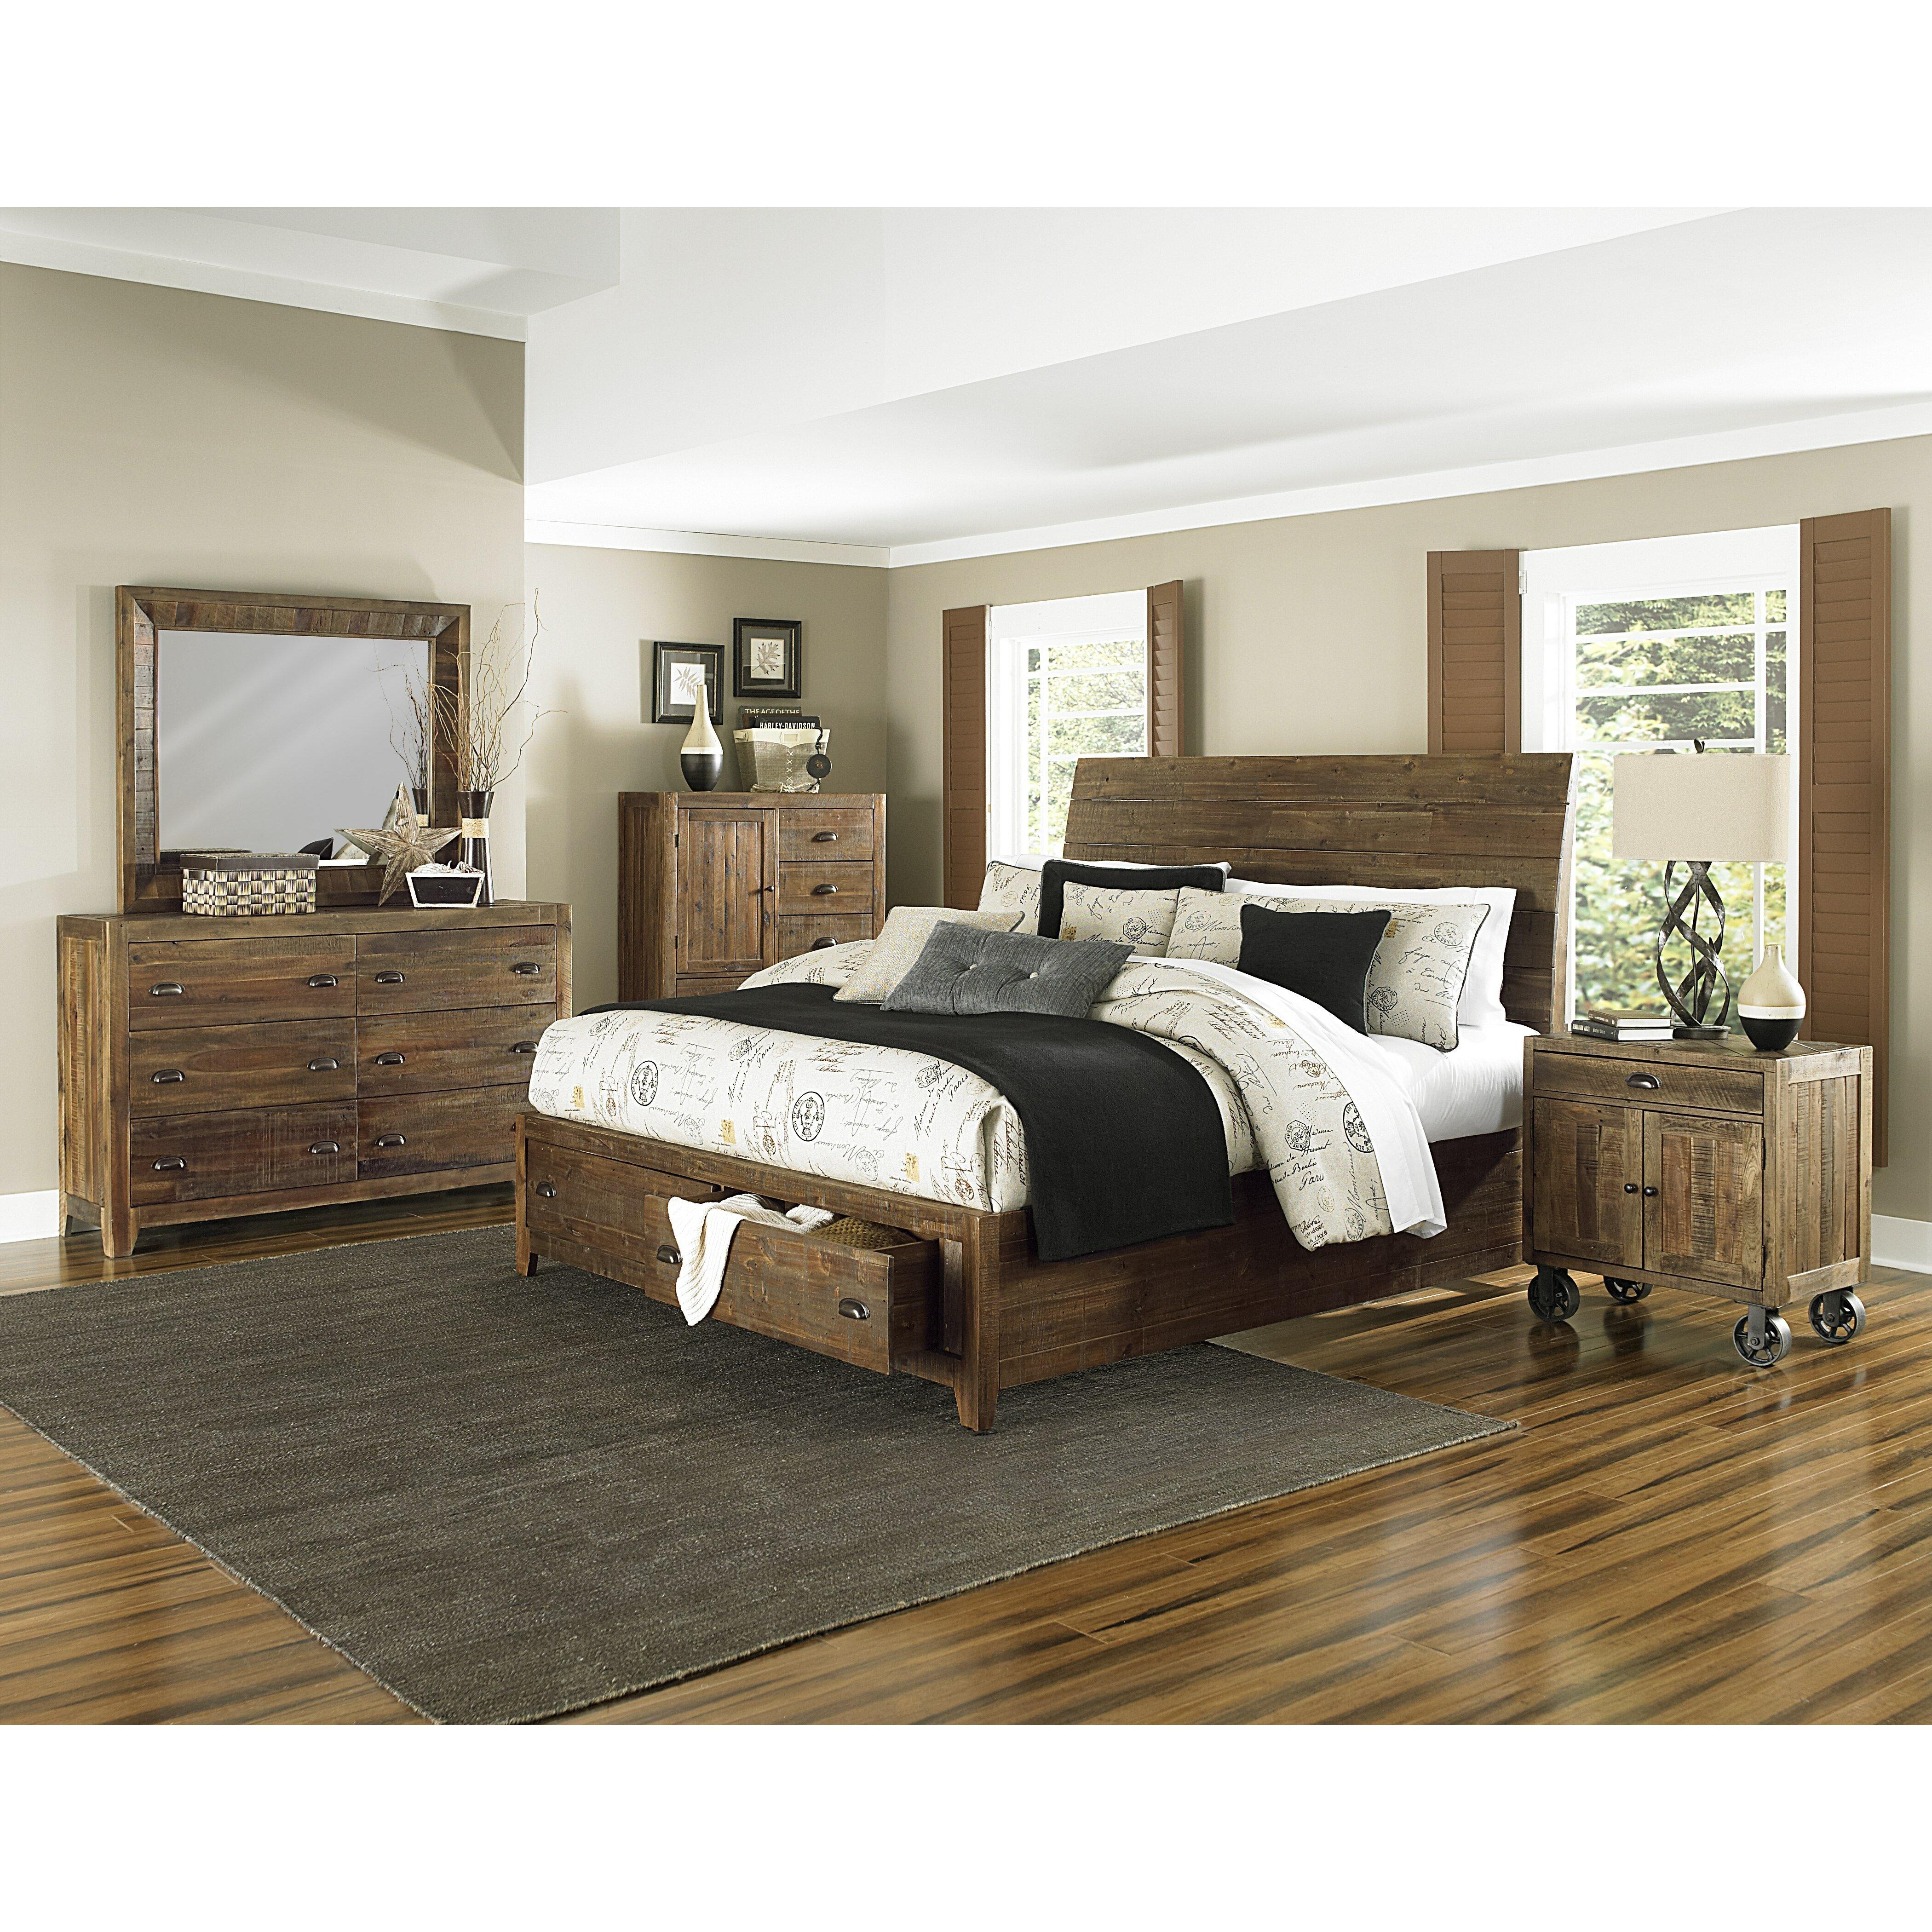 Mission Style Bedroom Furniture Sets Homeklondike Mission Furniture End Tables Mission Style Furniture